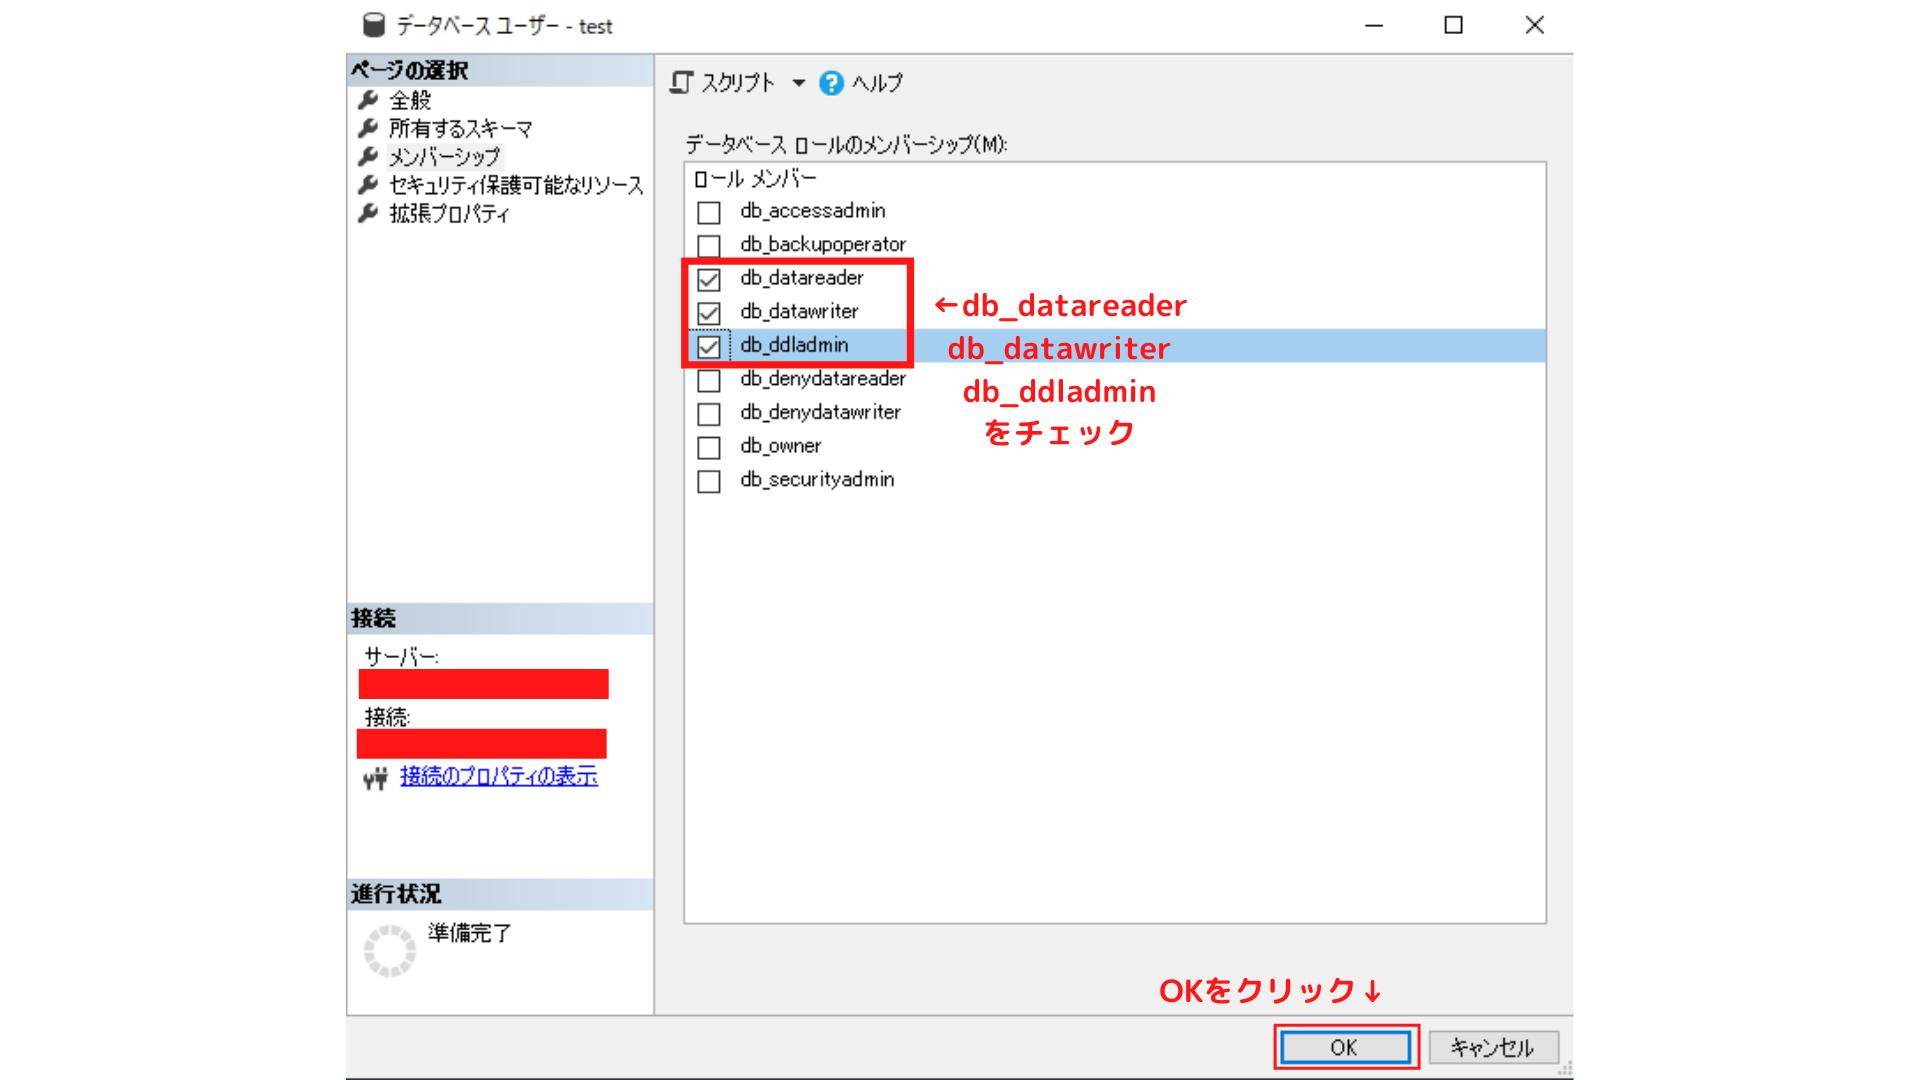 testユーザーのメンバーシップの設定を変更